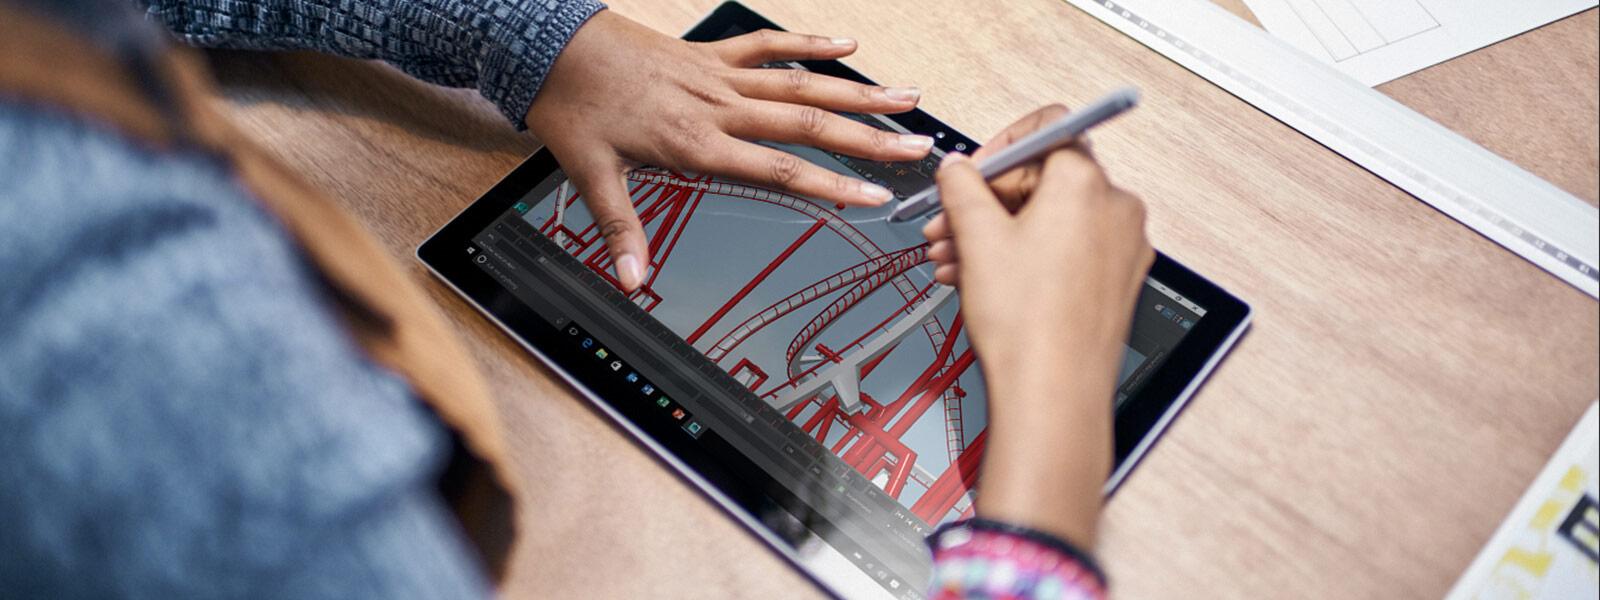 Vrouw die op een Surface-scherm aan het tekenen is met de Surface-pen.